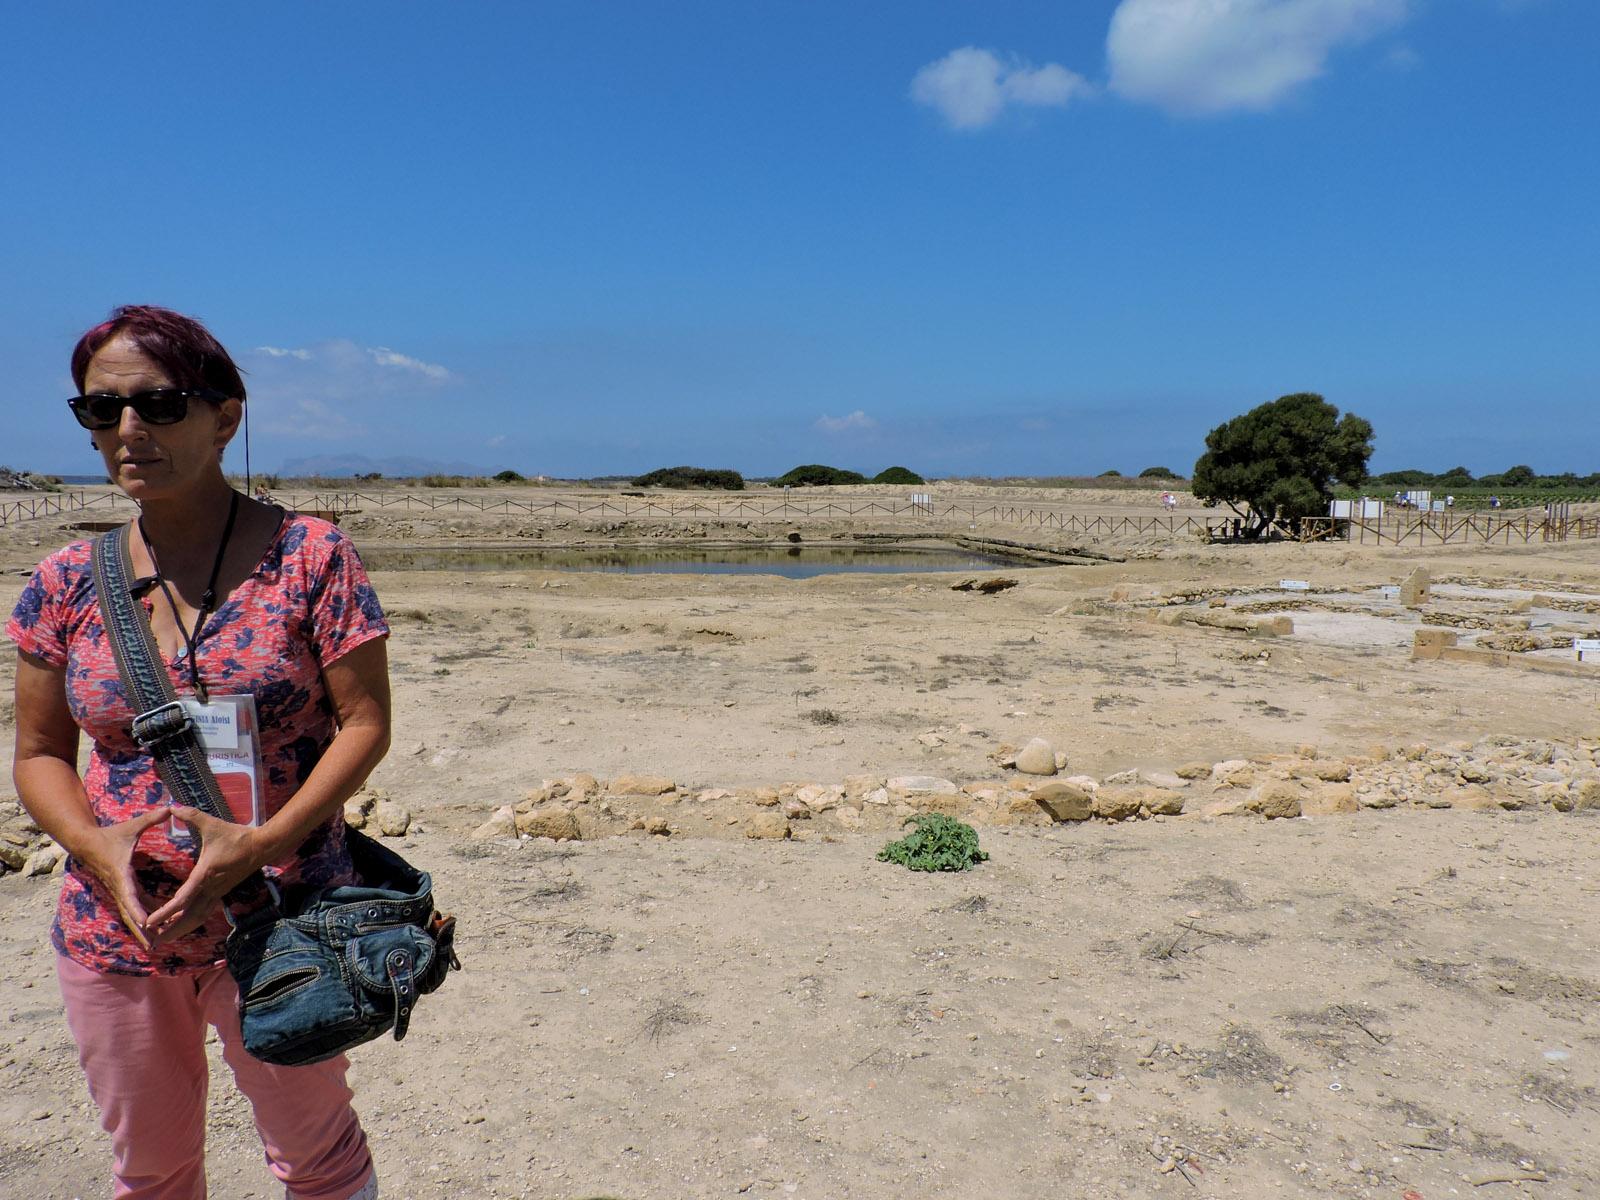 Virginia Aloisi spiega la storia fenicia dell'isola di Mozia